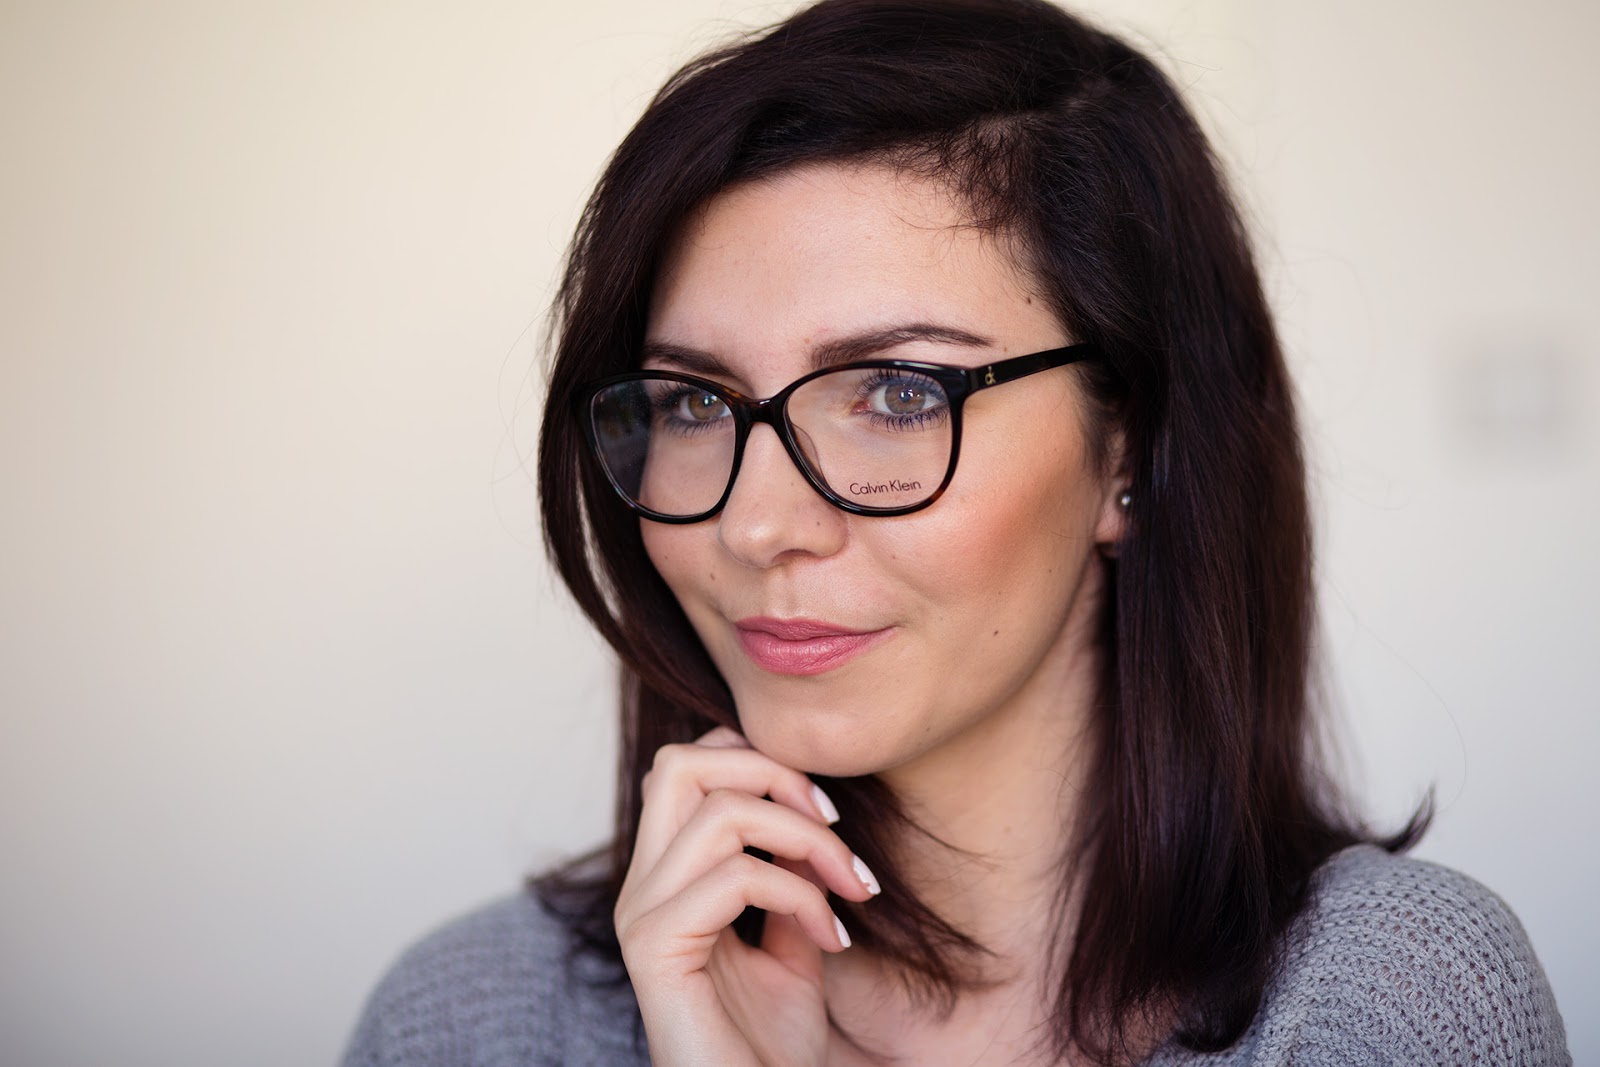 inlovewith: Entscheide mit! Meine neue Brille